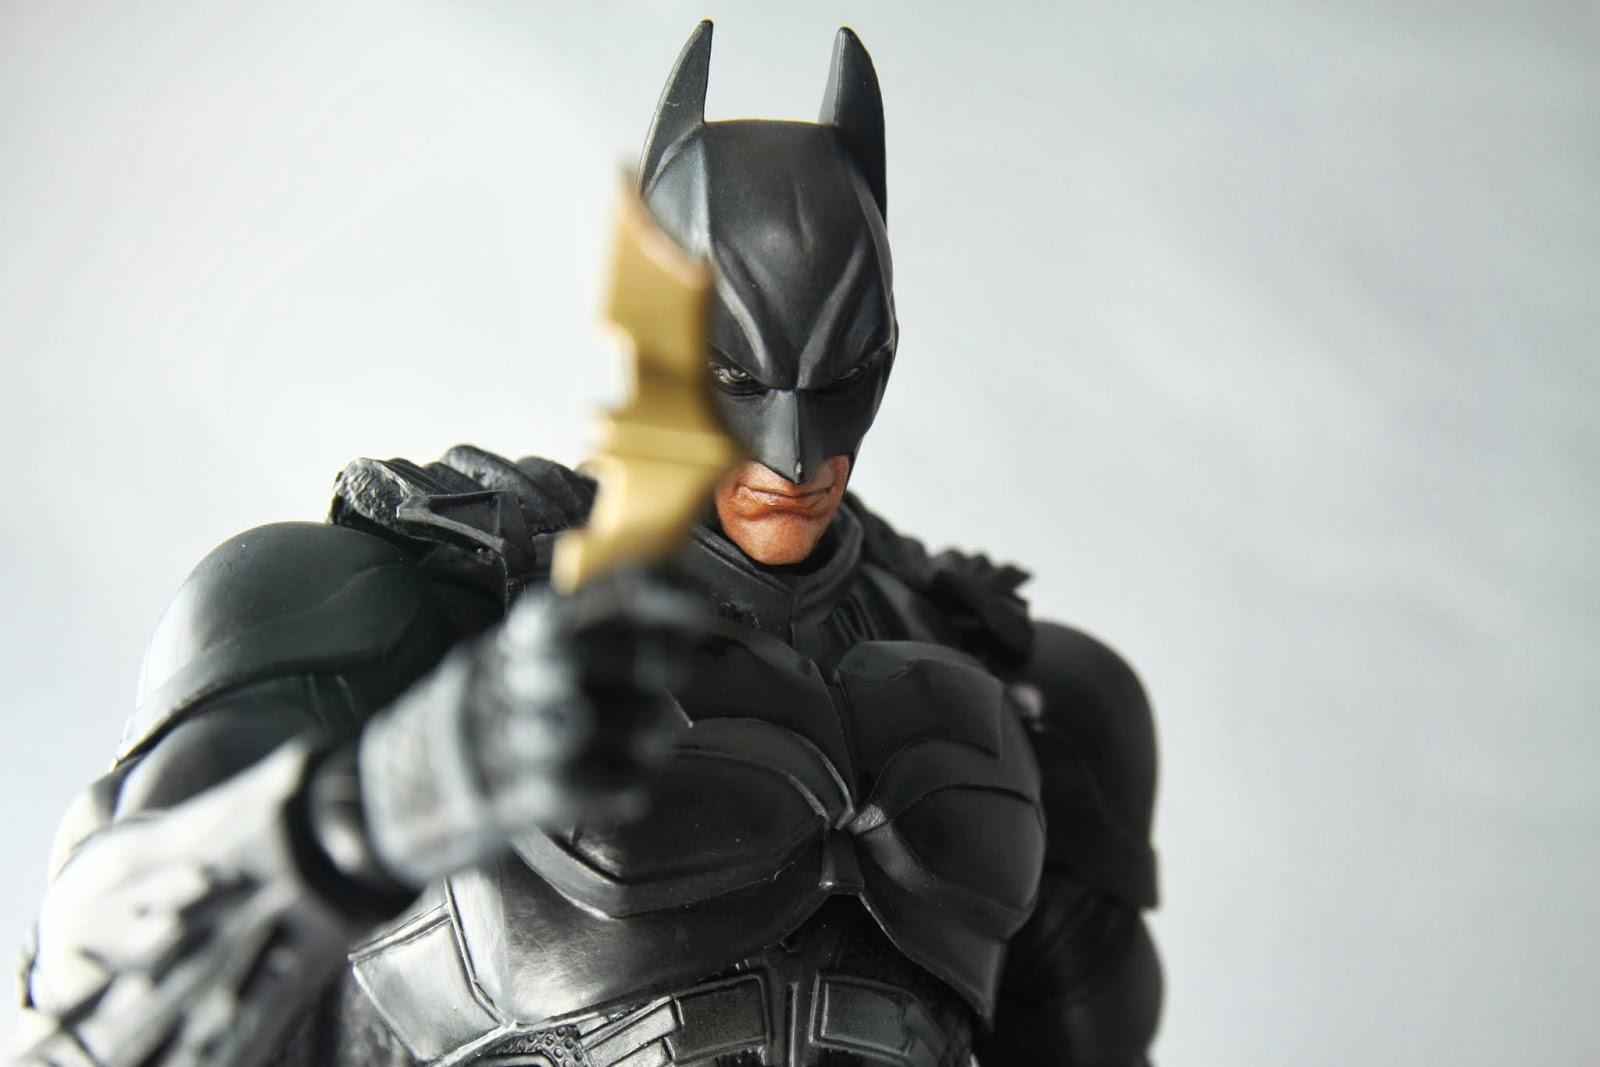 相簿裡蝙蝠俠的封面全都是拿飛鏢的姿勢